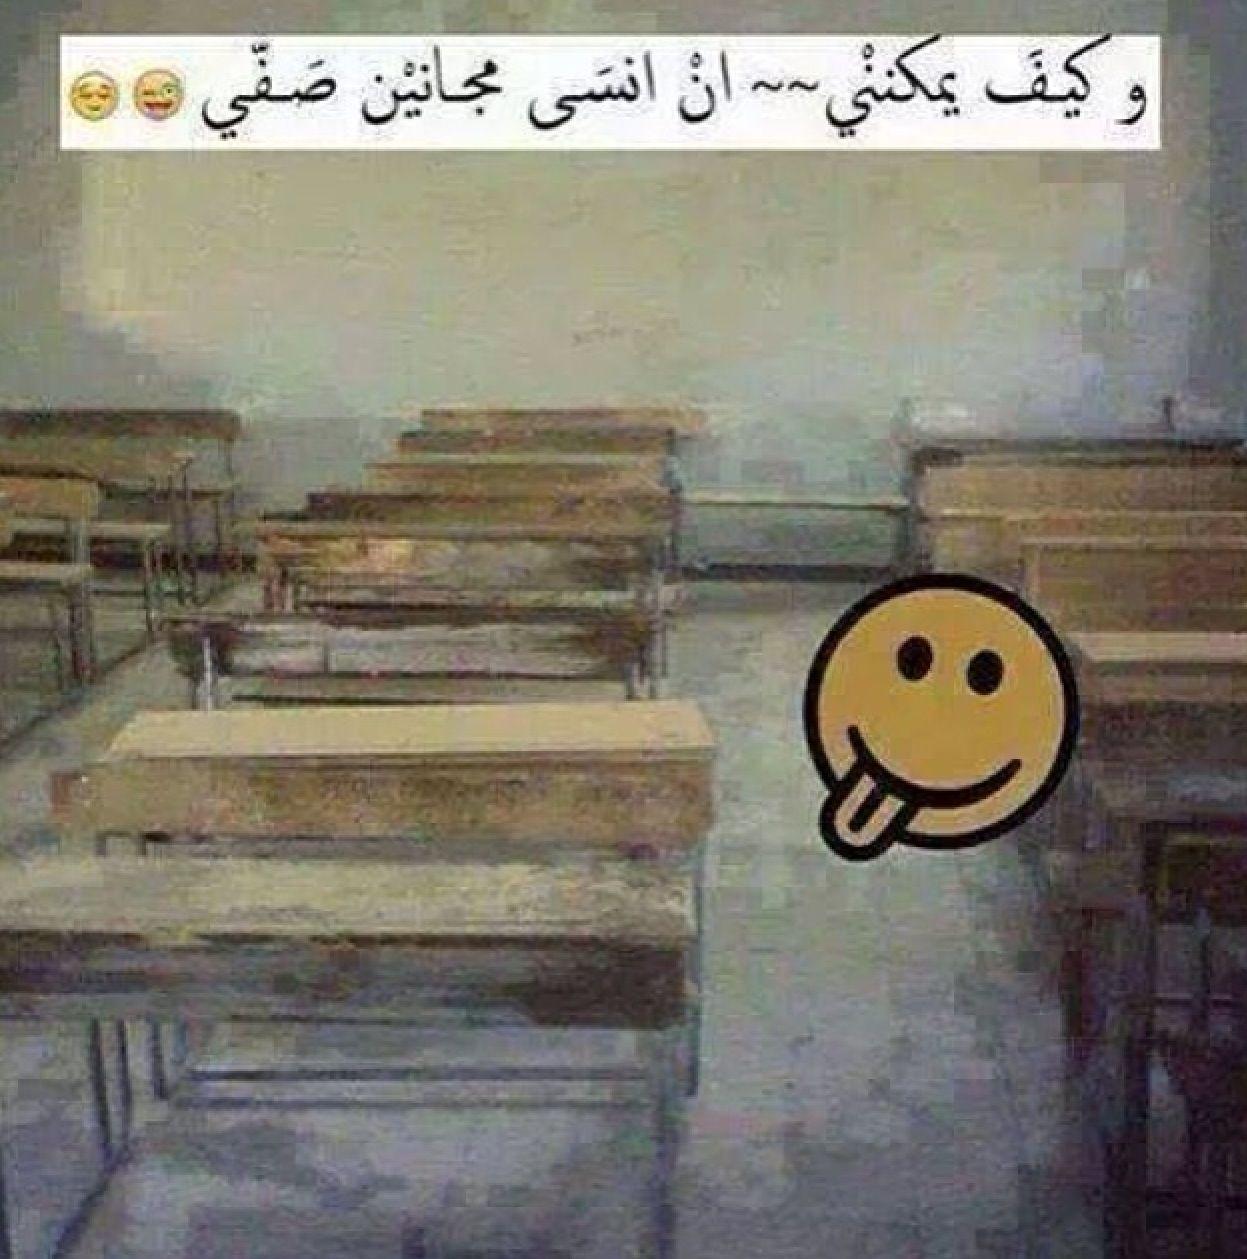 كيففففففف Funny Photo Memes Funny Arabic Quotes Funny Phrases